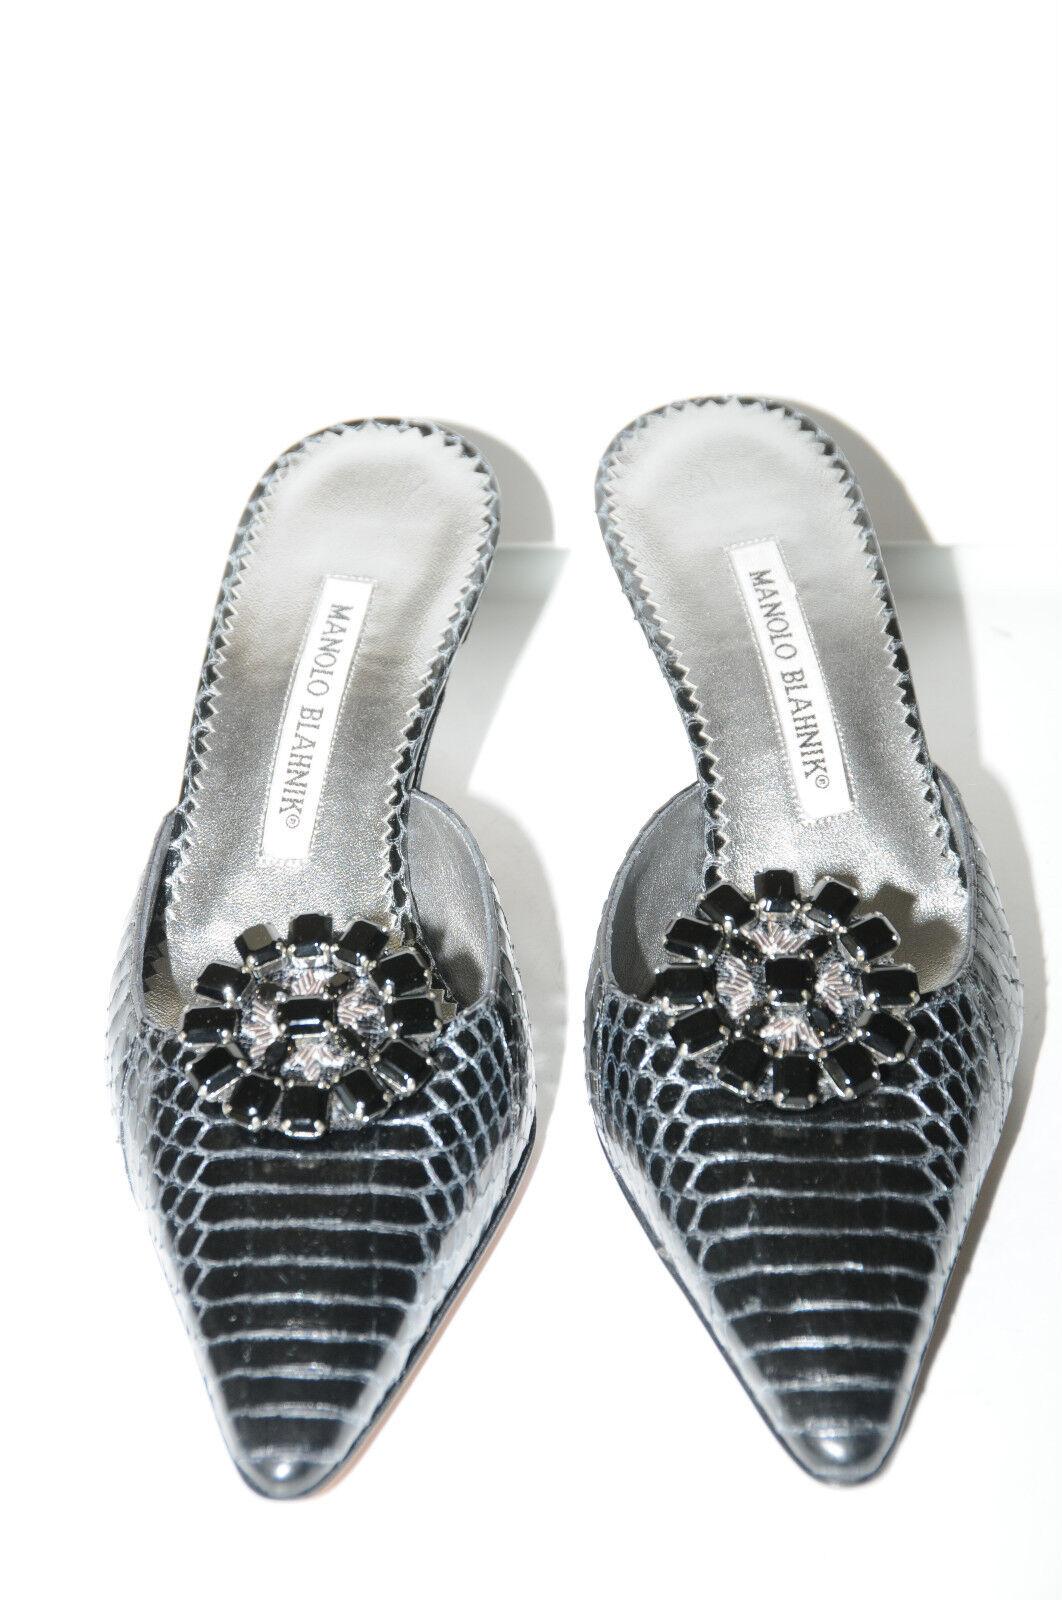 1345 New MANOLO BLAHNIK Black Grey SNAKE Silver Jeweled Kitten Heels SHOES 37